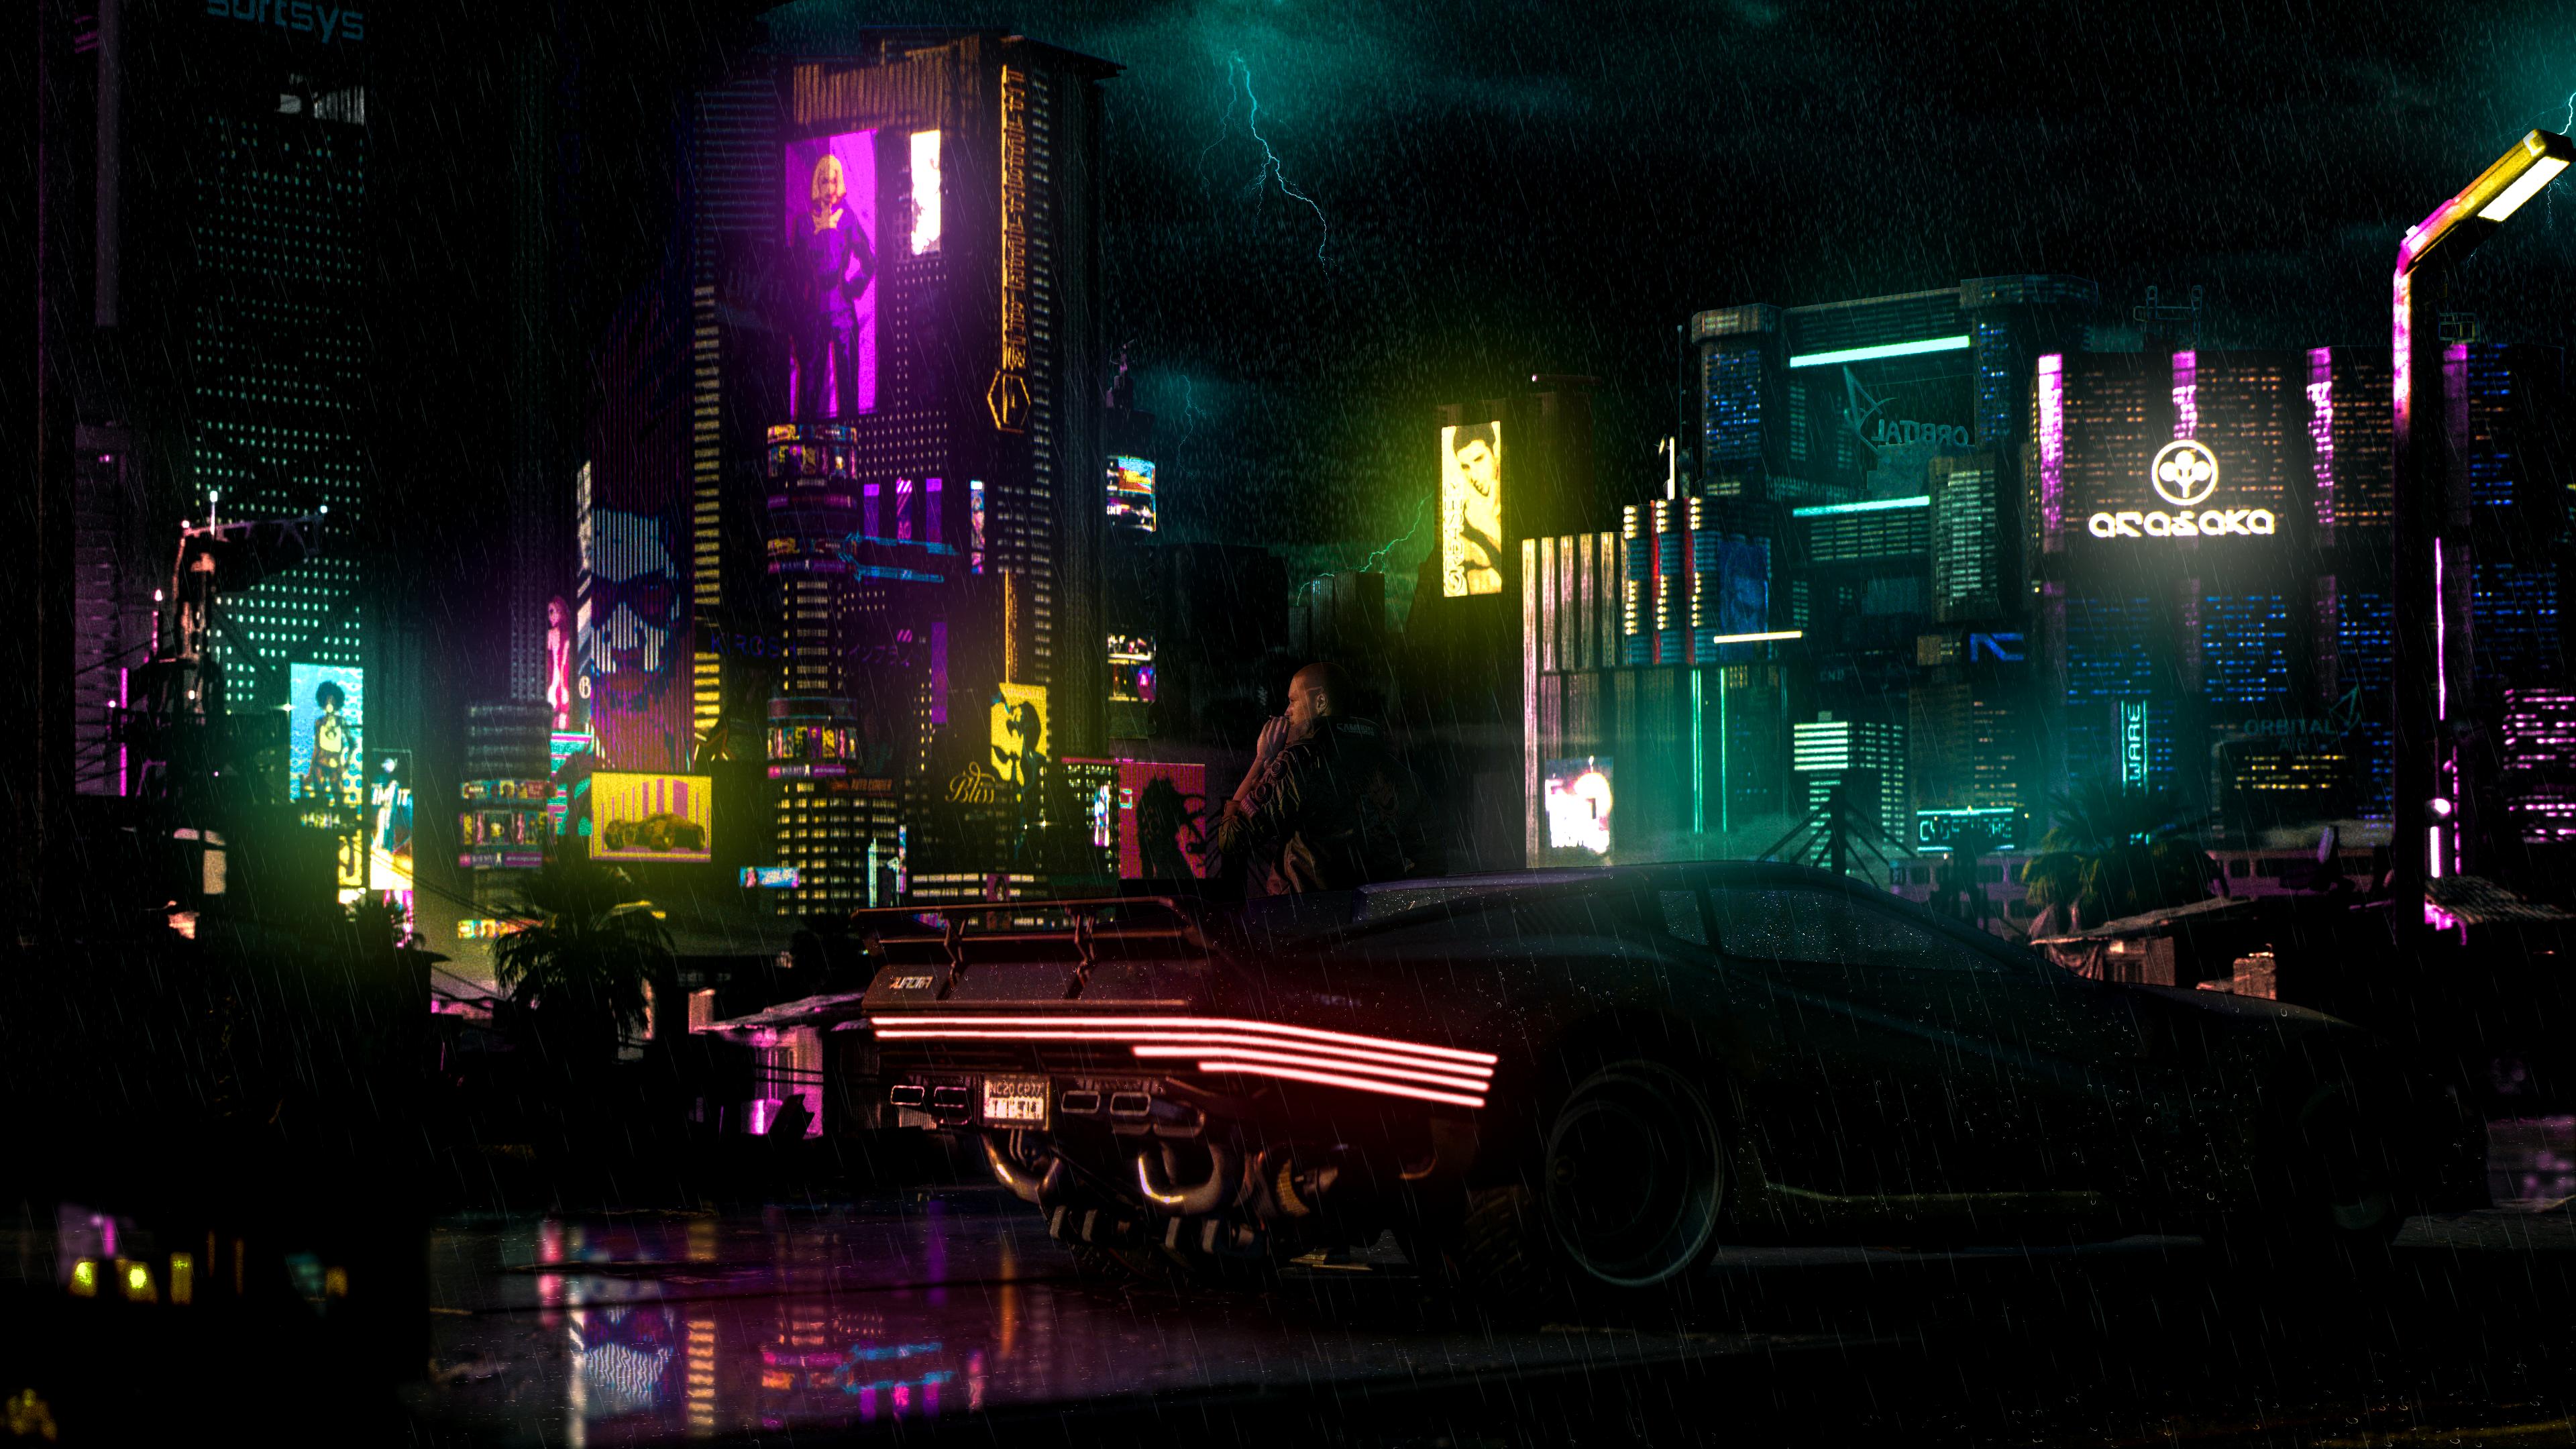 Cyberpunk 2077 4k Wallpaper Reddit Trick In 2020 Background Images Wallpapers Wallpaper Rain Wallpapers